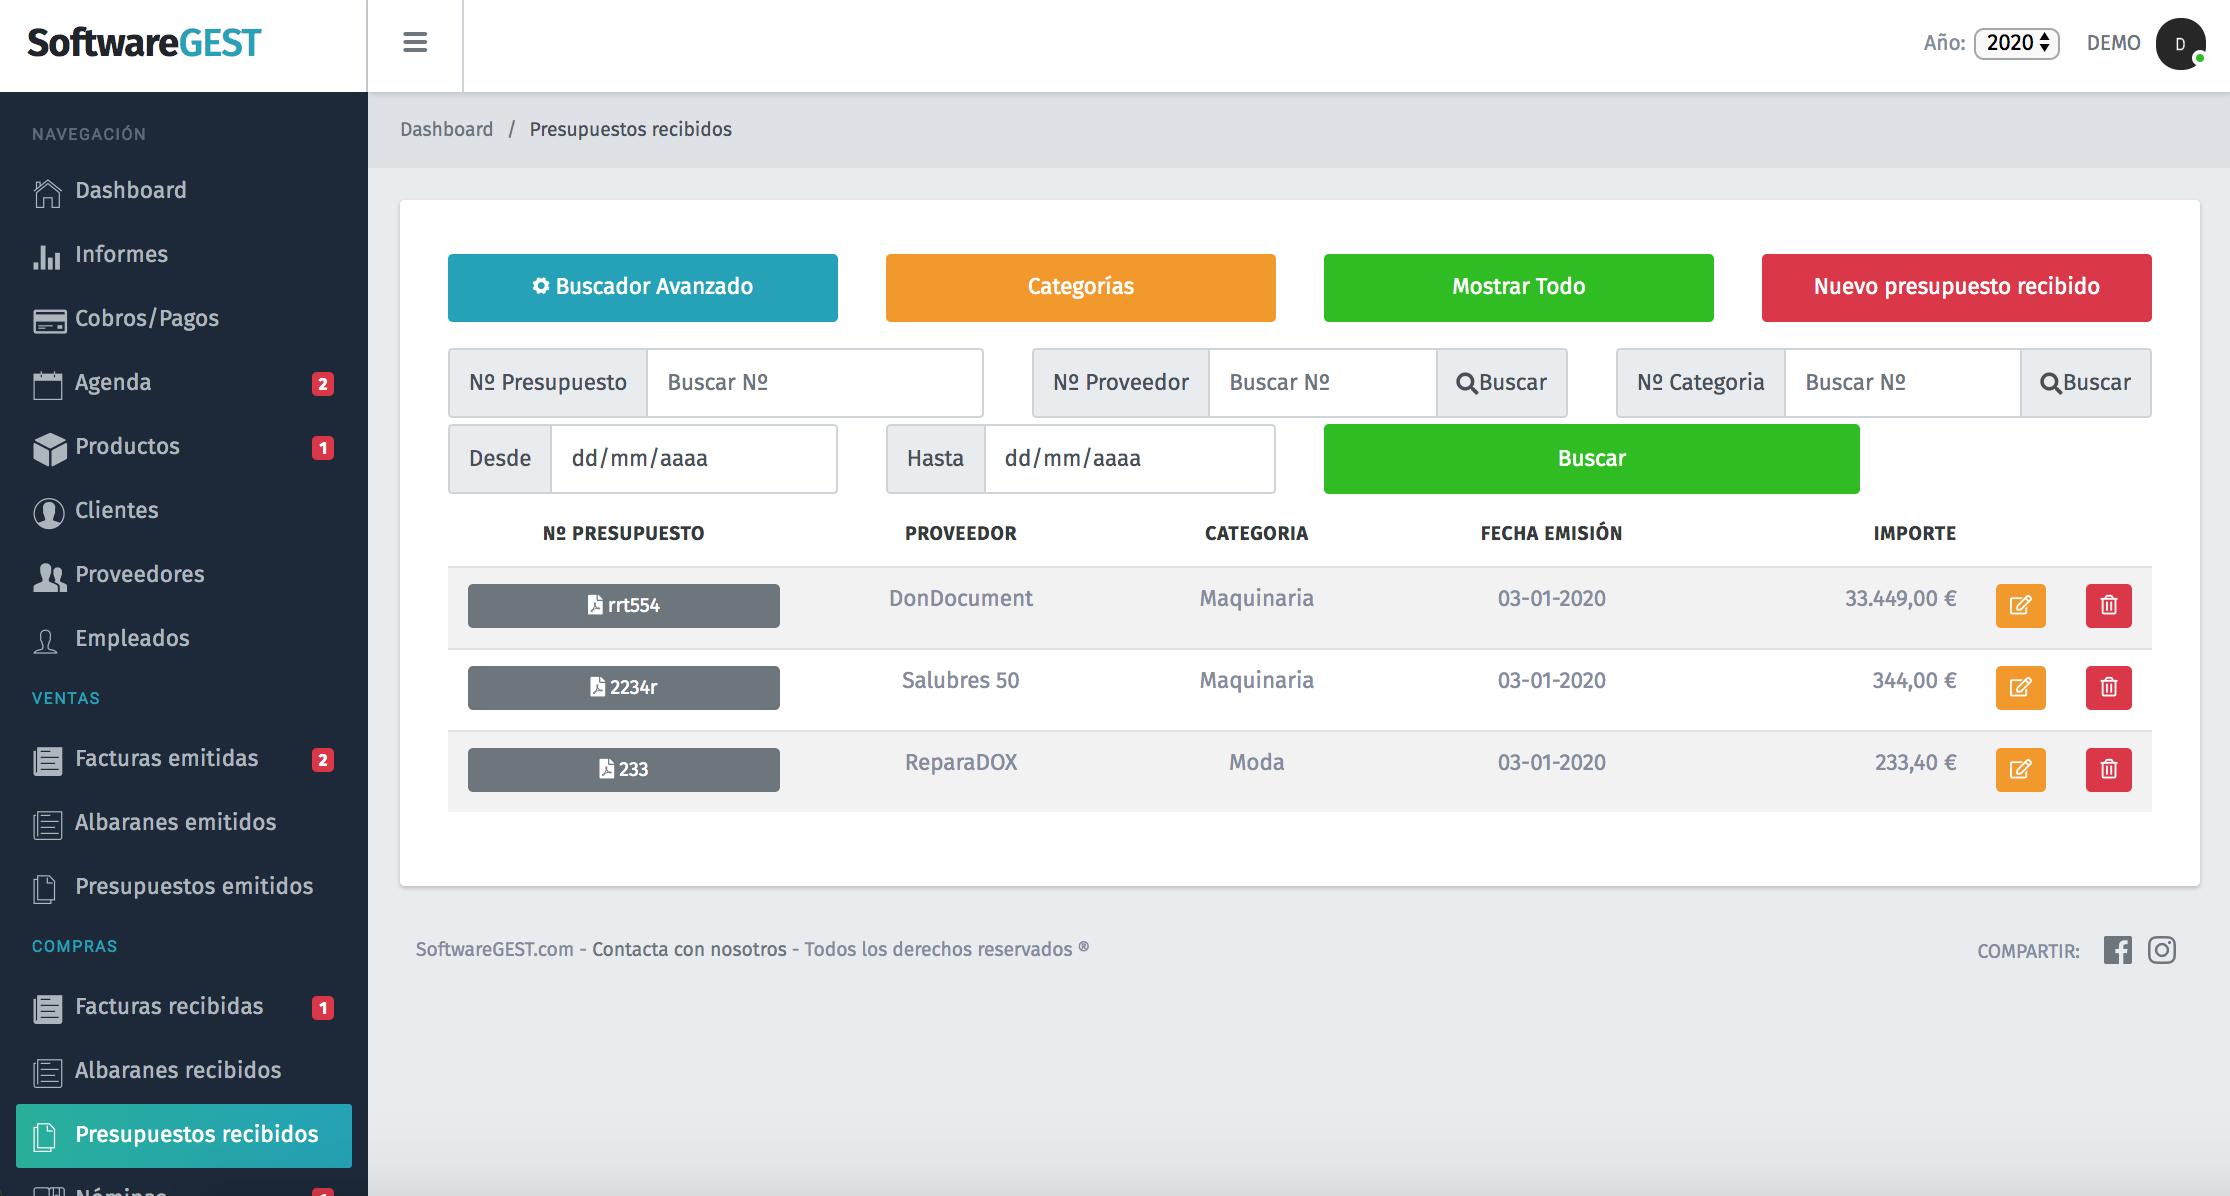 SoftwareGEST Presupuestos recibidos filtro